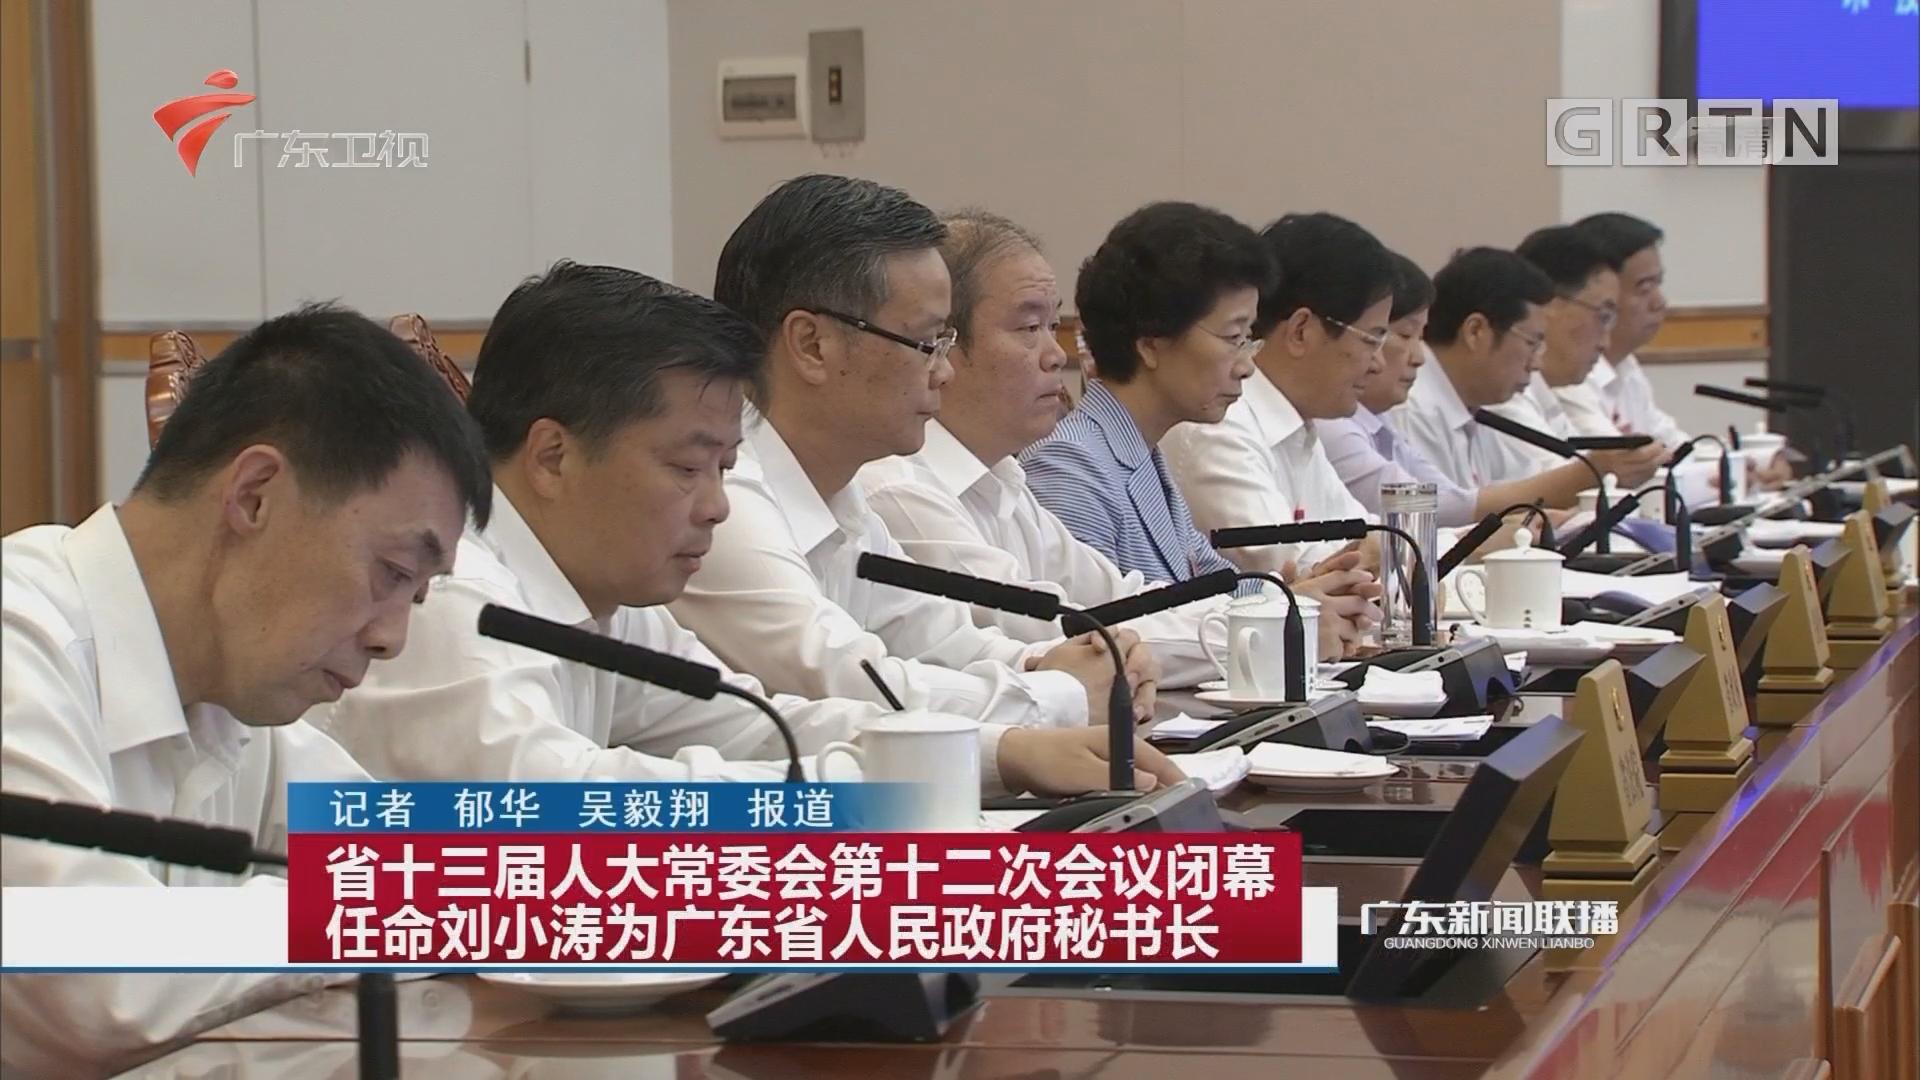 省十三屆人大常委會第十二次會議閉幕 任命劉小濤為廣東省人民政府秘書長